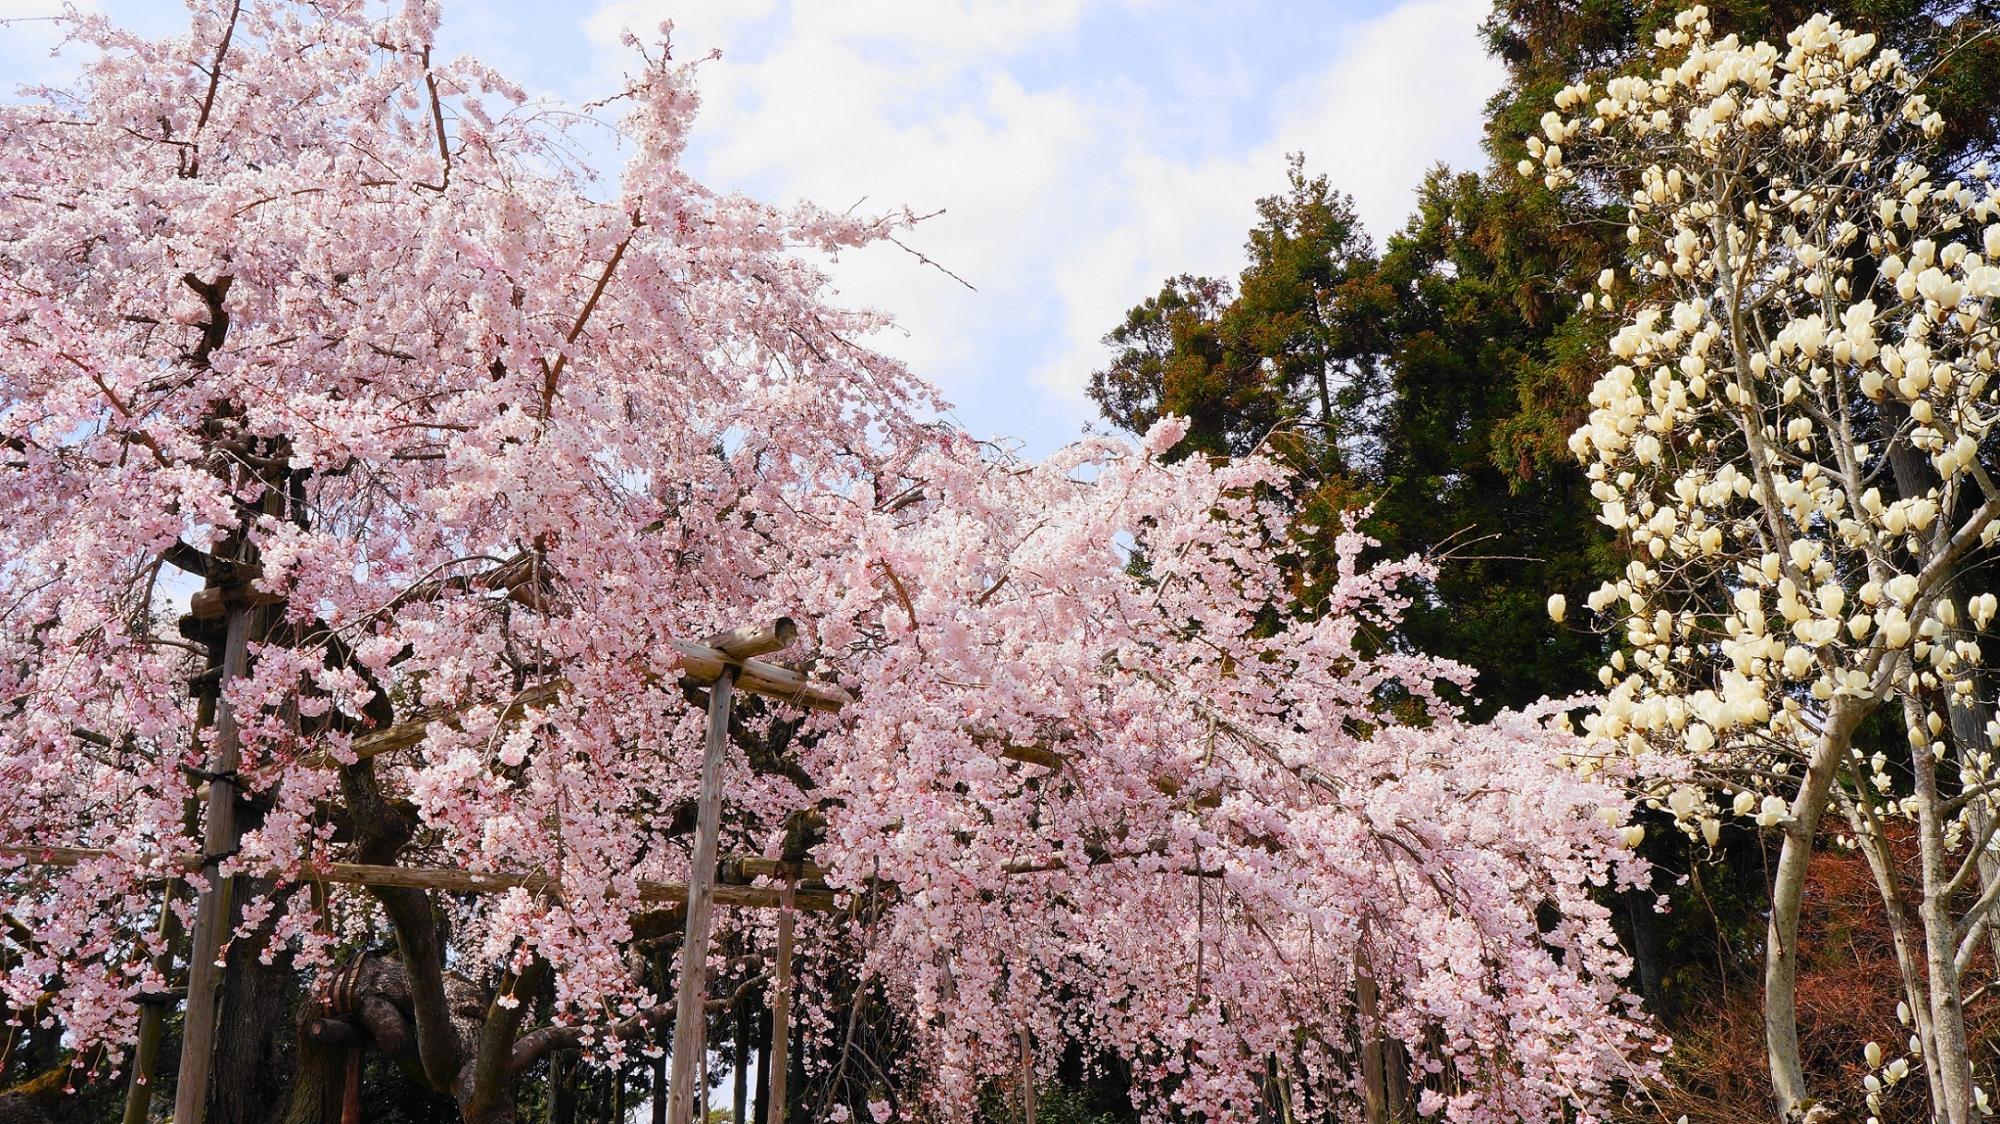 桜の名所の醍醐寺の三宝院の満開の華やかな太閤しだれ桜